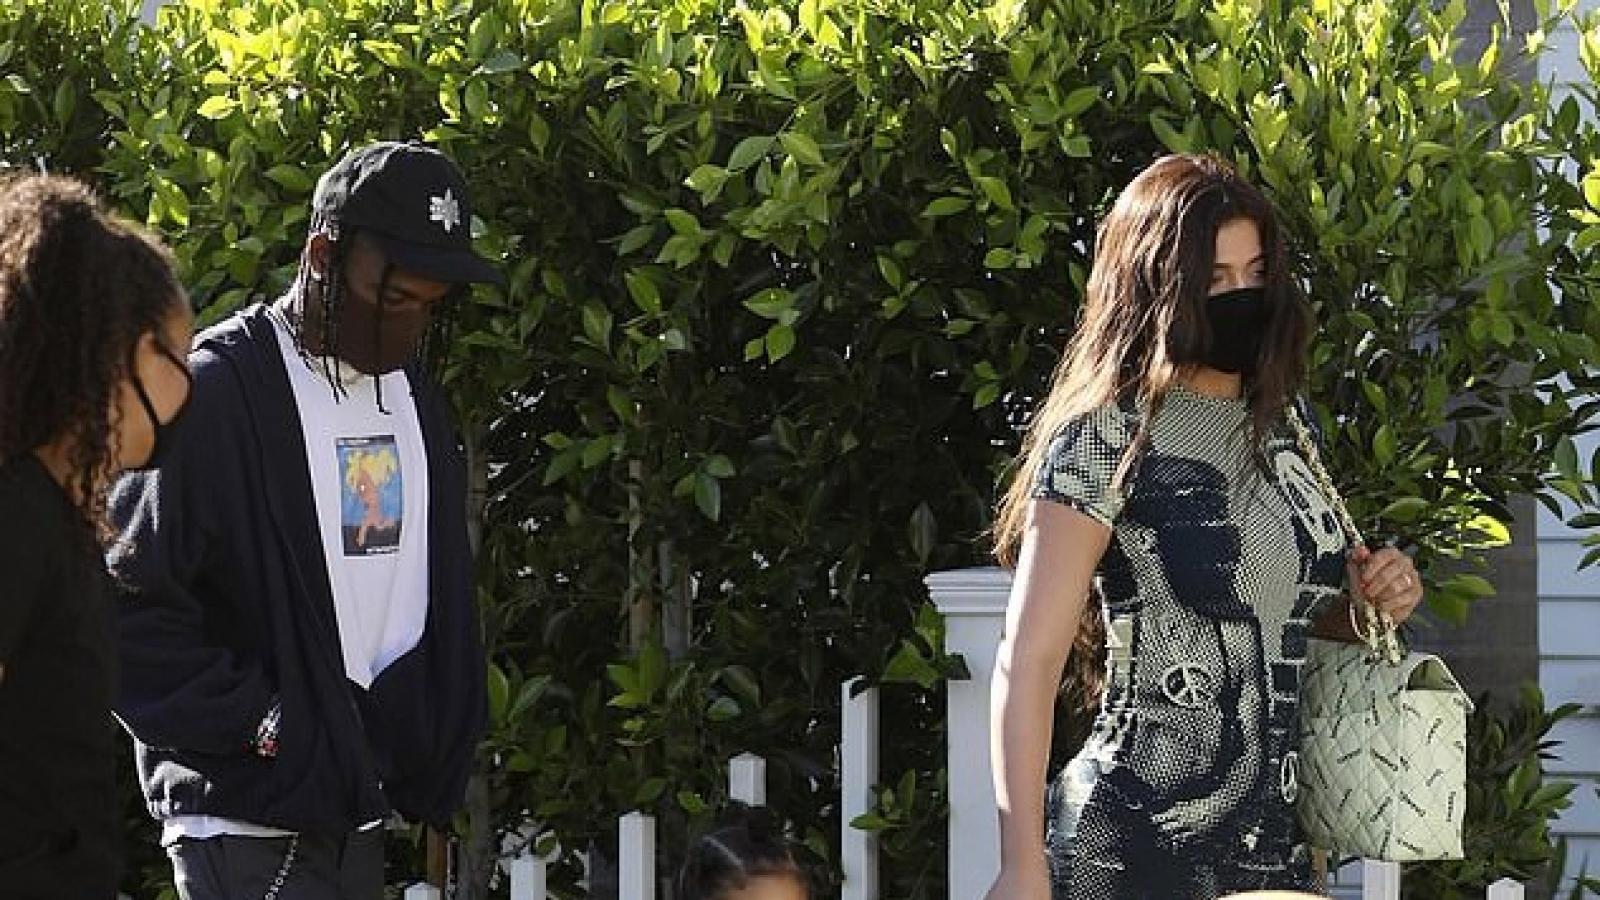 Kylie Jenner mặc đầm bó sát, vui vẻ đi nghỉ dưỡng cùng tình cũ Travis Scott